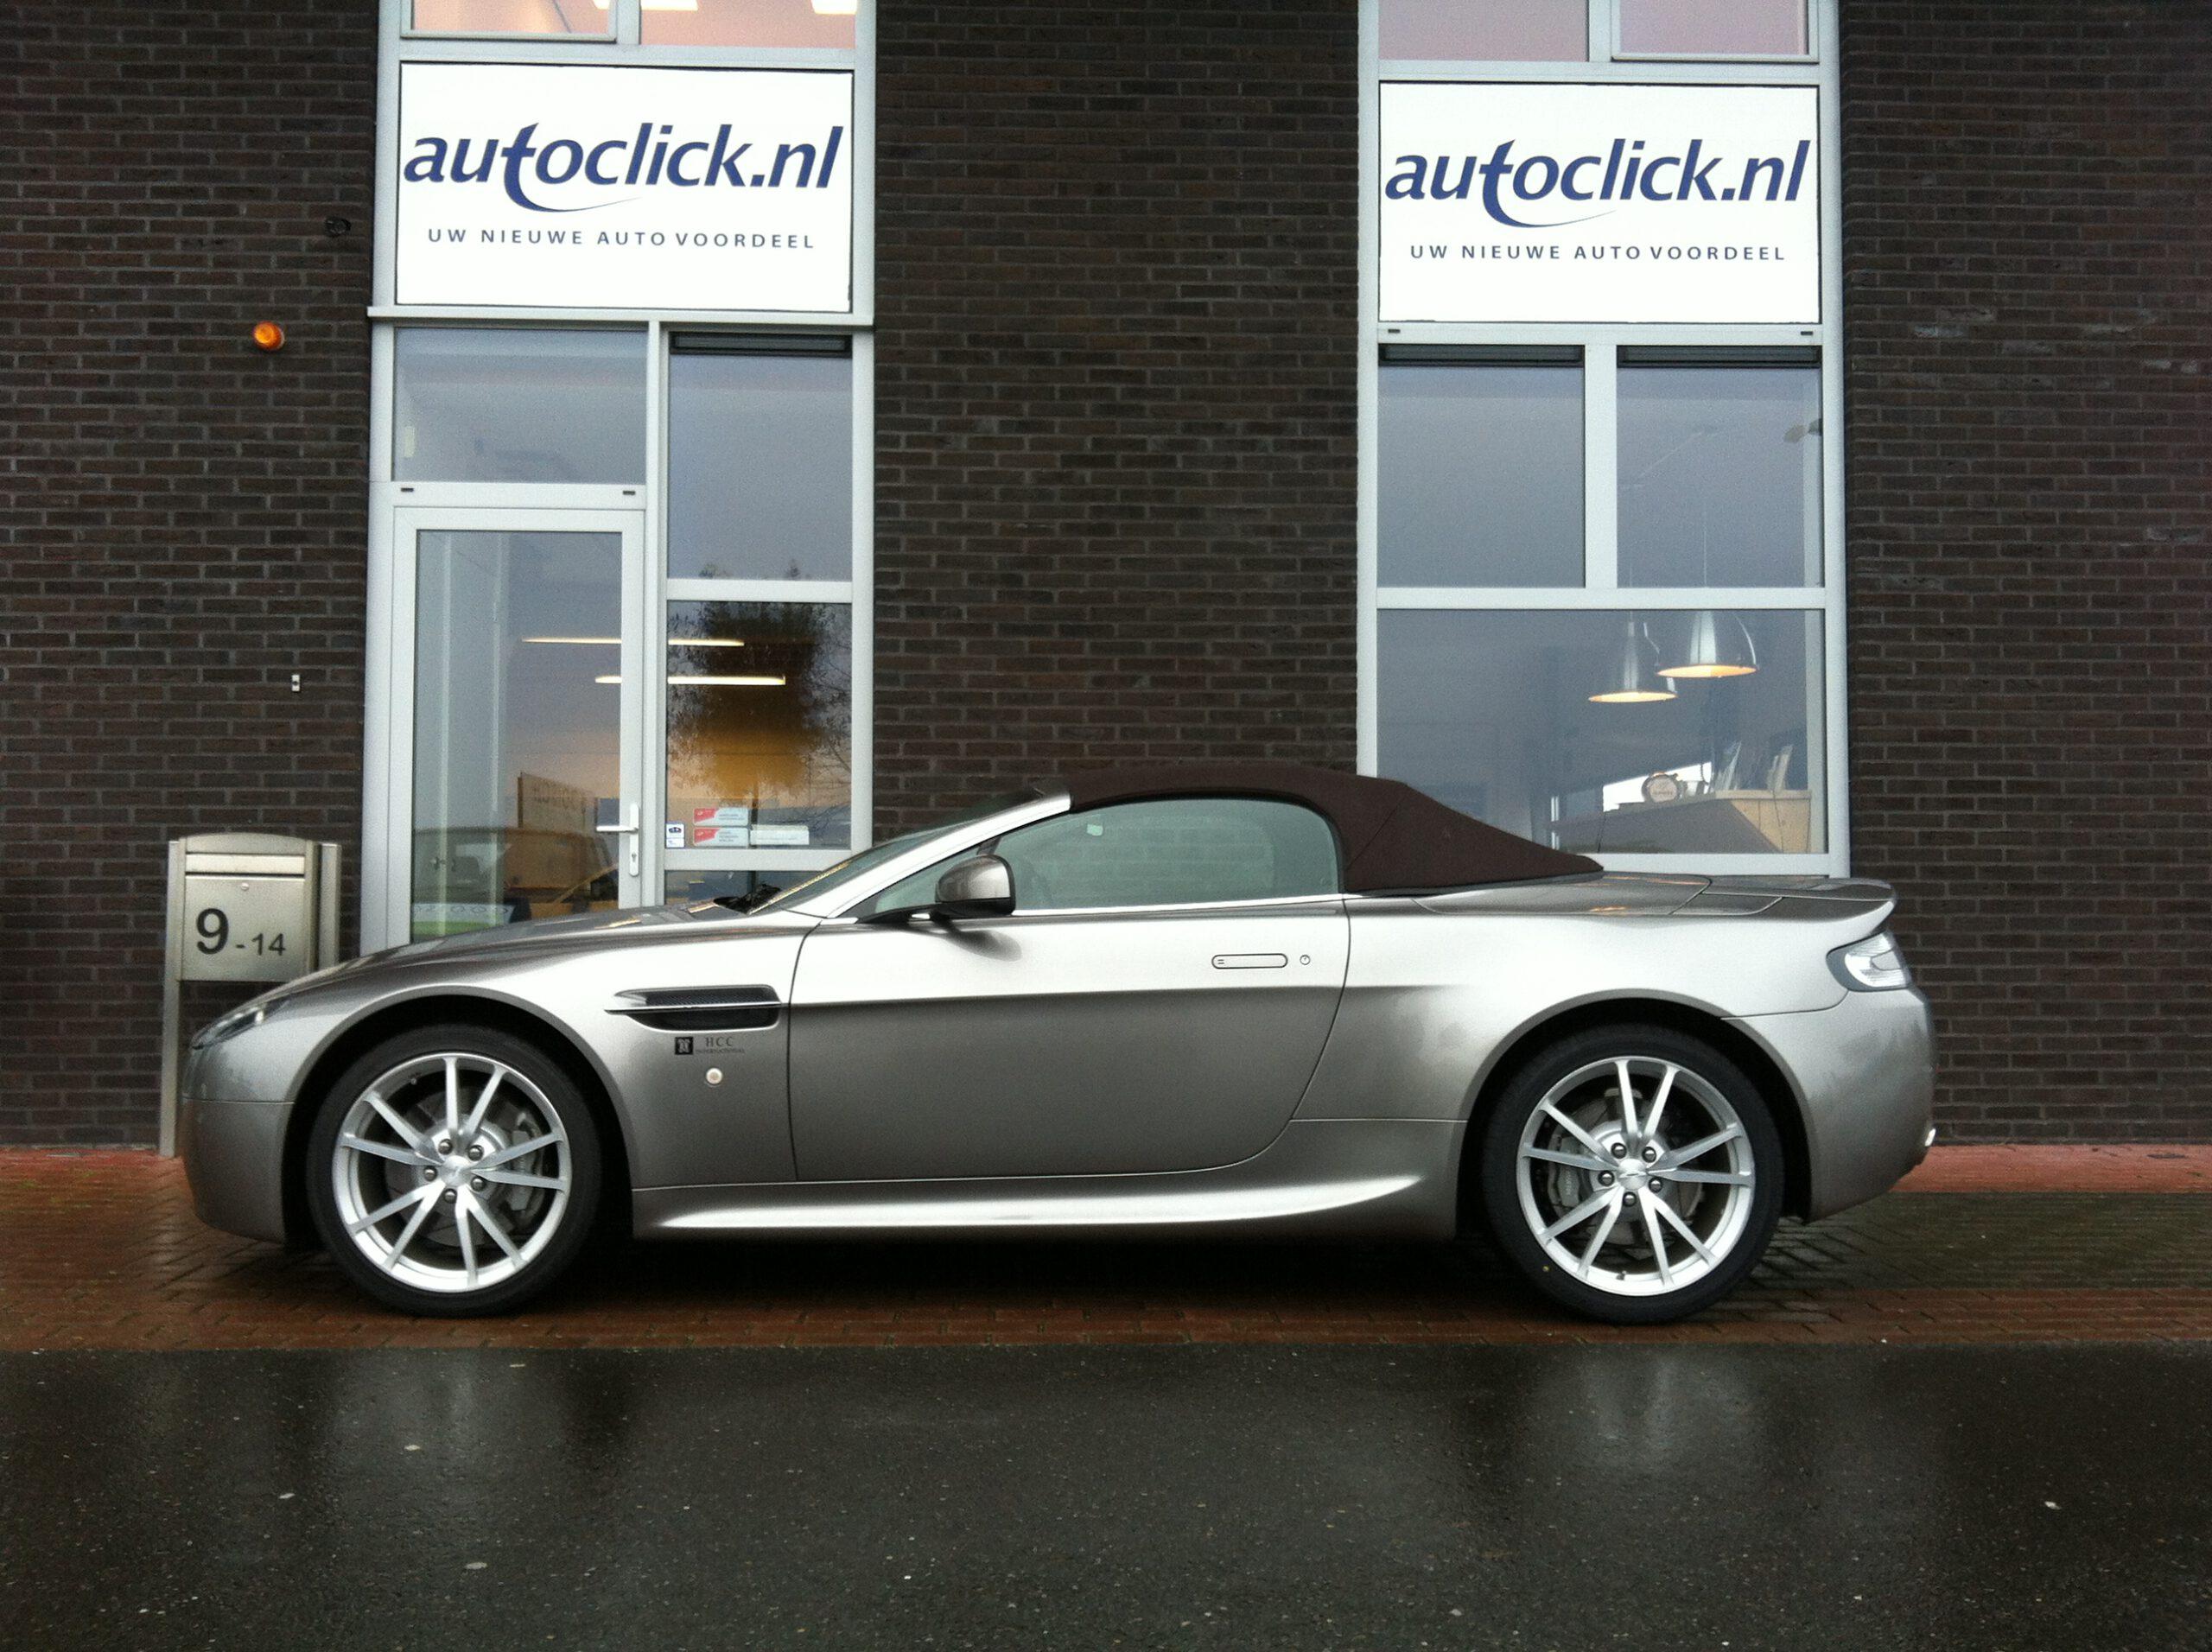 Uit Duitsland geïmporteerde Aston Martin Vintage, een tevreden klant met onze import service